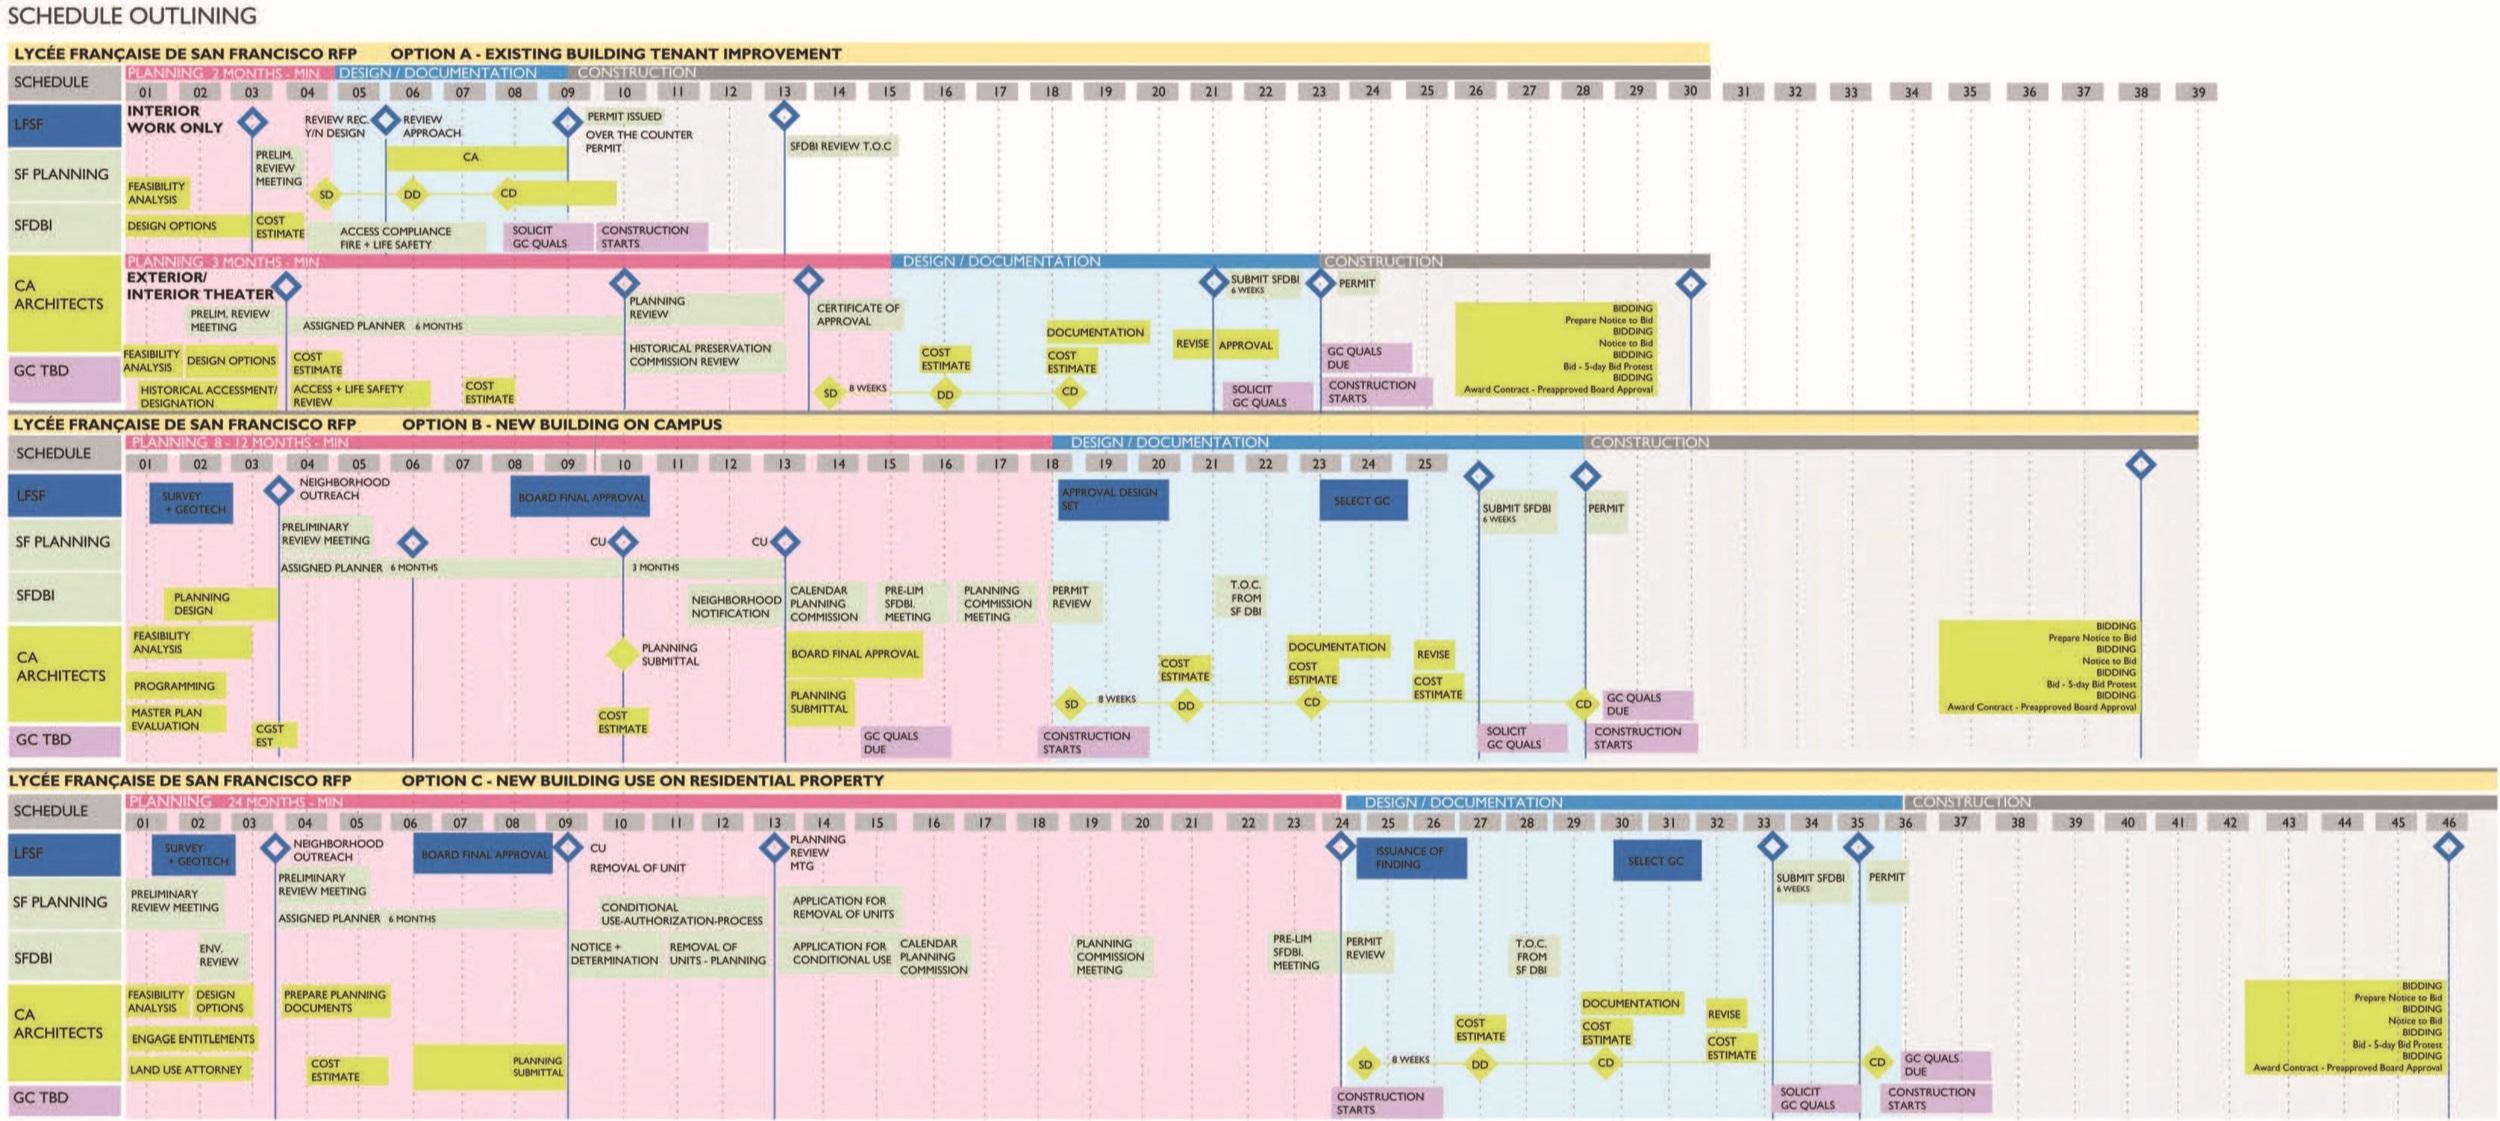 LFSF Schedule Outlining